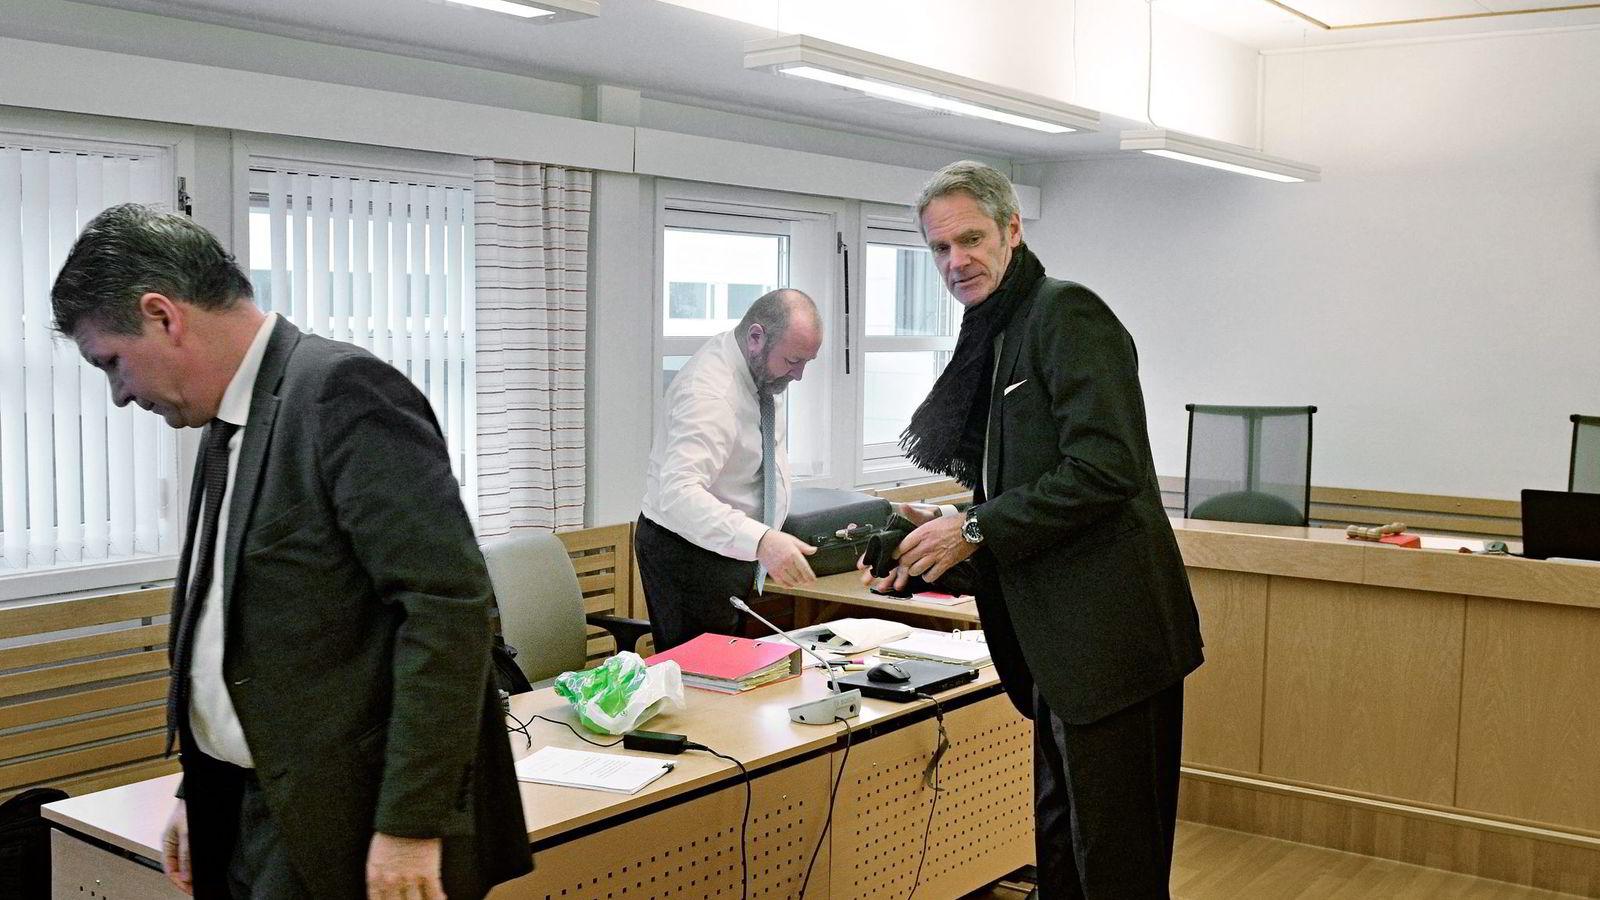 Tidligere administrerende direktør Erik Karlstrøm (til venstre) og advokat Hermann Skard gjør seg klar til saken som går i Alta tingrett. Til høyre styreleder Anders Onarheim i oljeselskapet North Energy.